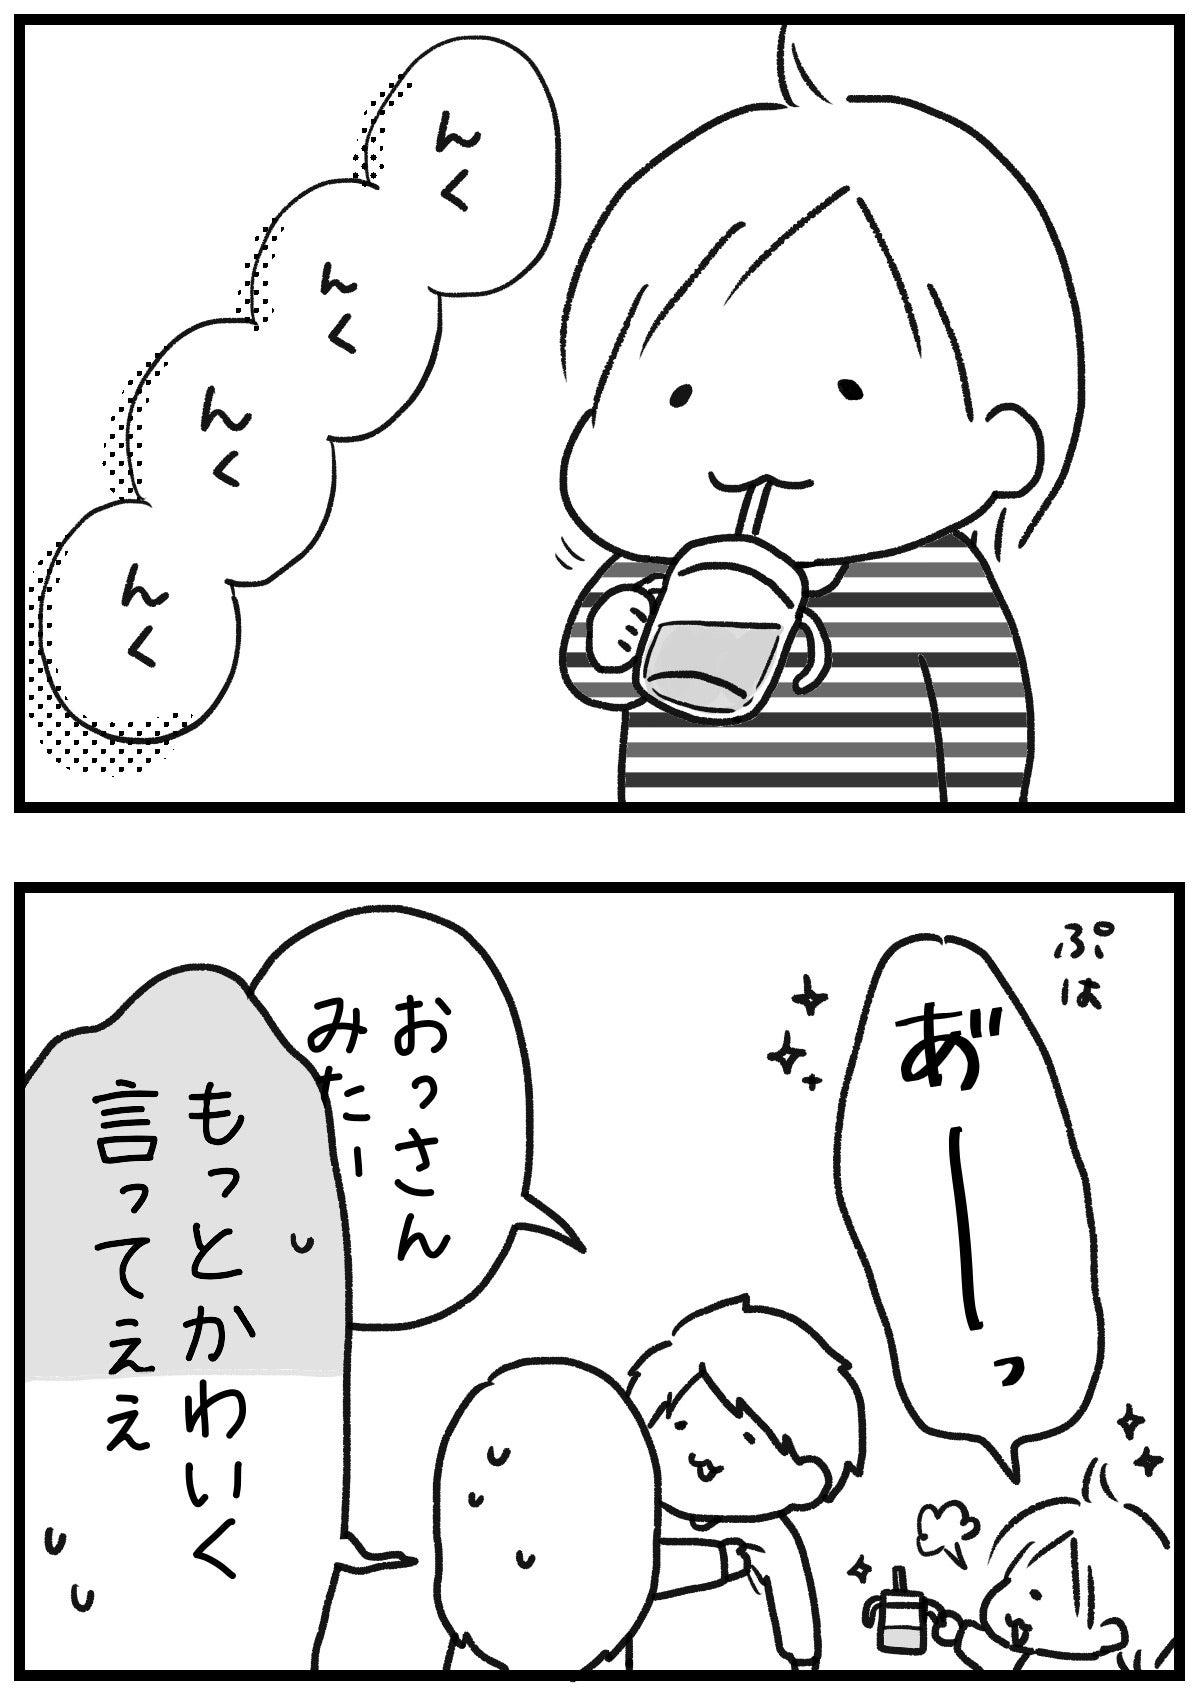 https://stat.ameba.jp/user_images/20200507/21/la-noppomen/4d/69/j/o1199169514755278347.jpg